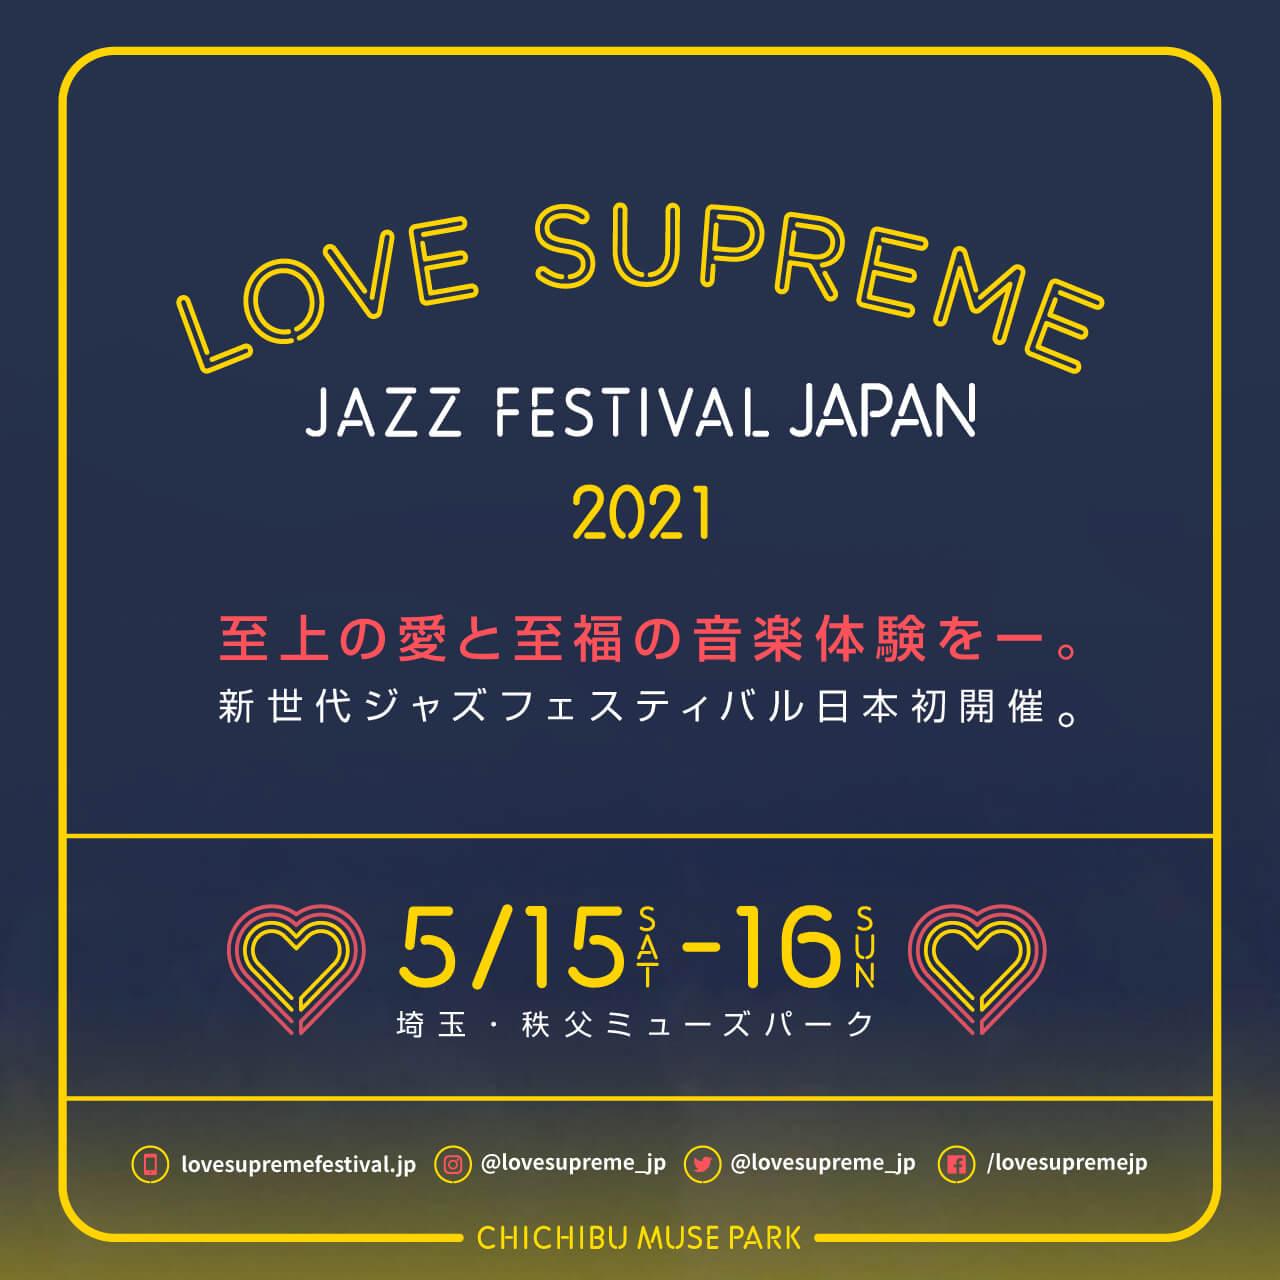 ジャズの祭典<LOVE SUPREME JAZZ FESTIVAL>が日本初開催決定!DREAMS COME TRUE、Ovall、WONKら第1弾アーティスト発表 music210308_lovesupreme_7